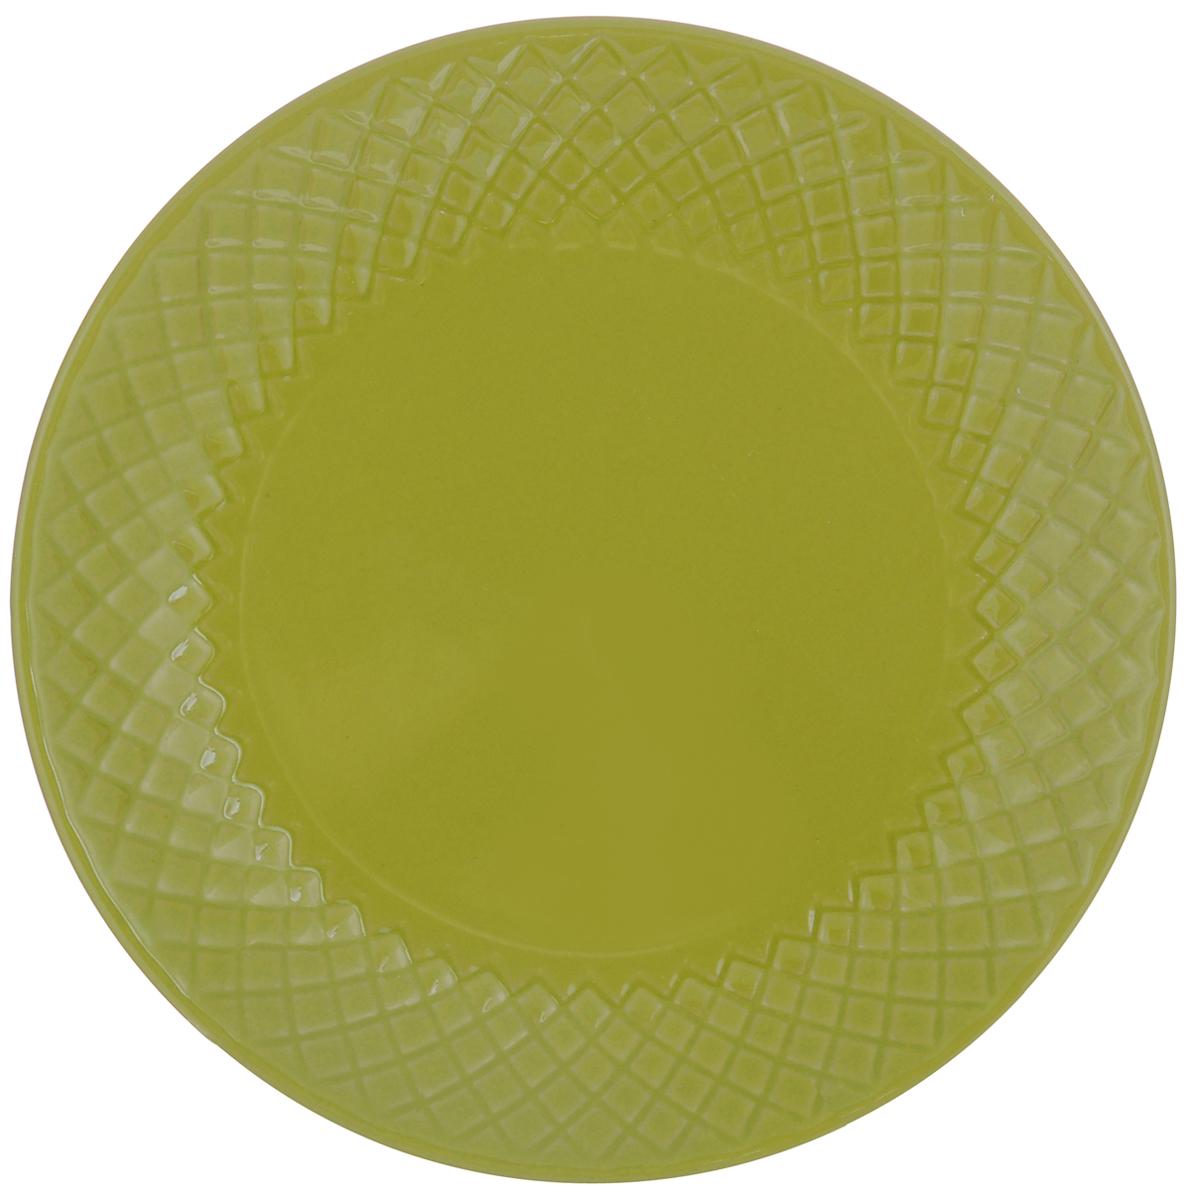 Тарелка обеденная Walmer Amber, цвет: зеленый, диаметр 20 смW06133020Тарелка обеденная Walmer Amber, изготовленная из высококачественной керамики, имеет изысканный внешний вид. Яркий дизайн придется по вкусу и ценителям классики, и тем, кто предпочитает утонченность. Тарелка Walmer Amber идеально подойдет для сервировки стола и станет отличным подарком к любому празднику.Диаметр (по верхнему краю): 20 см.